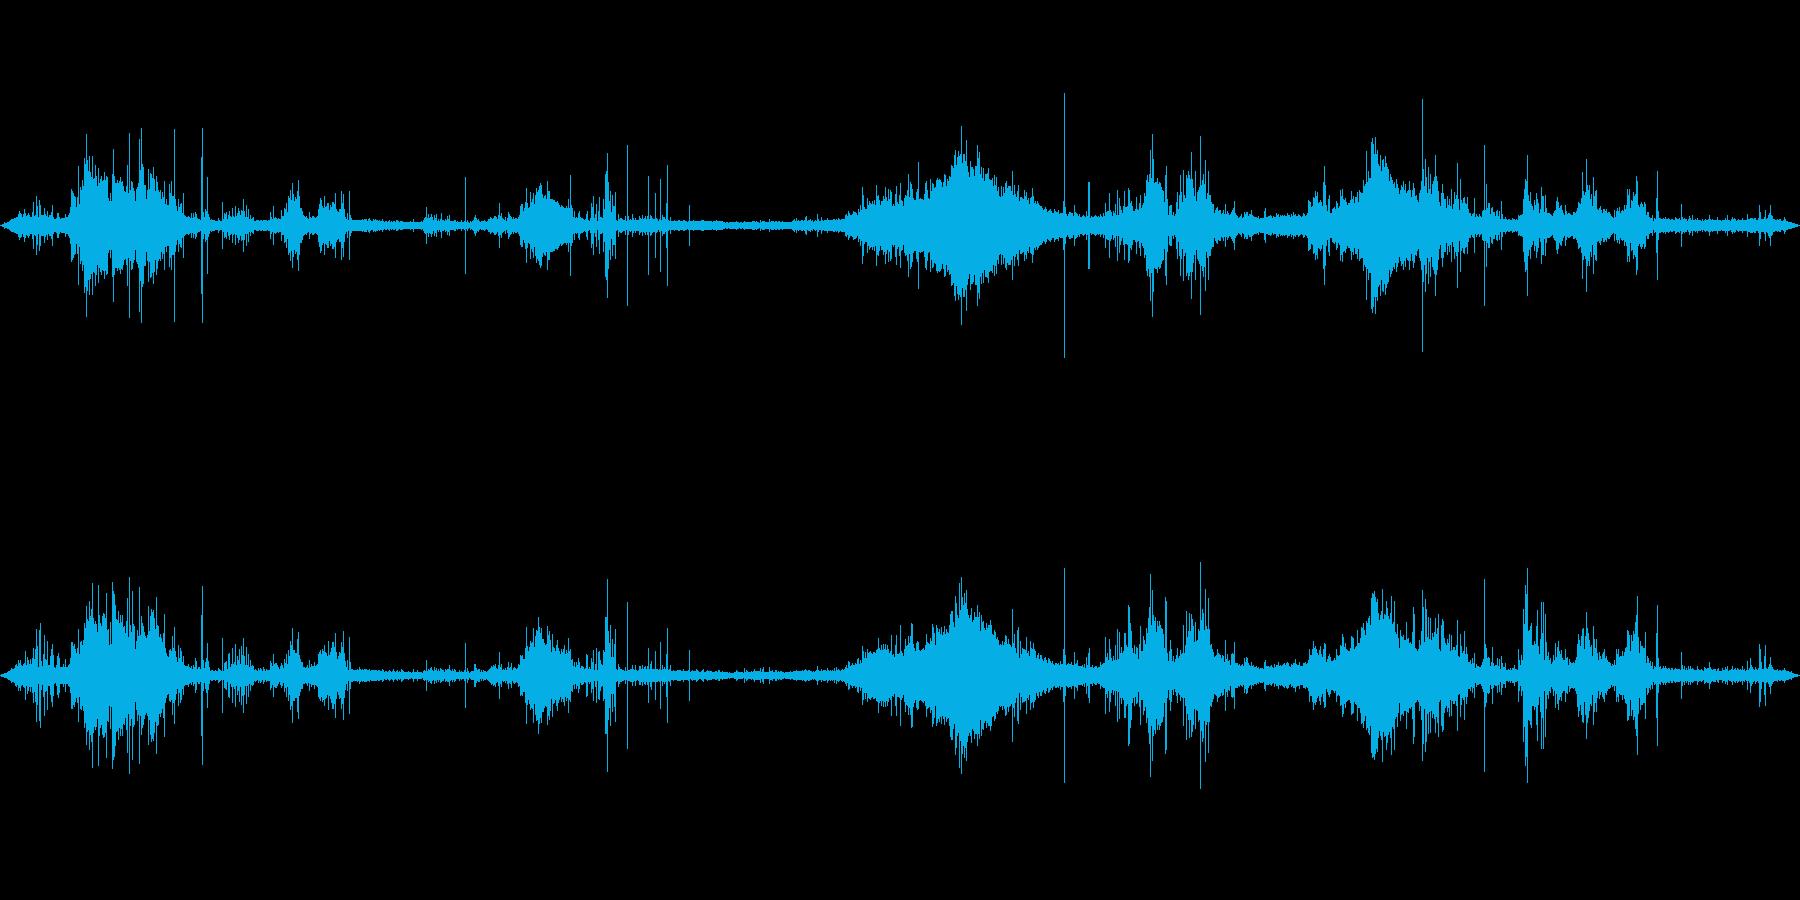 海面の音の再生済みの波形